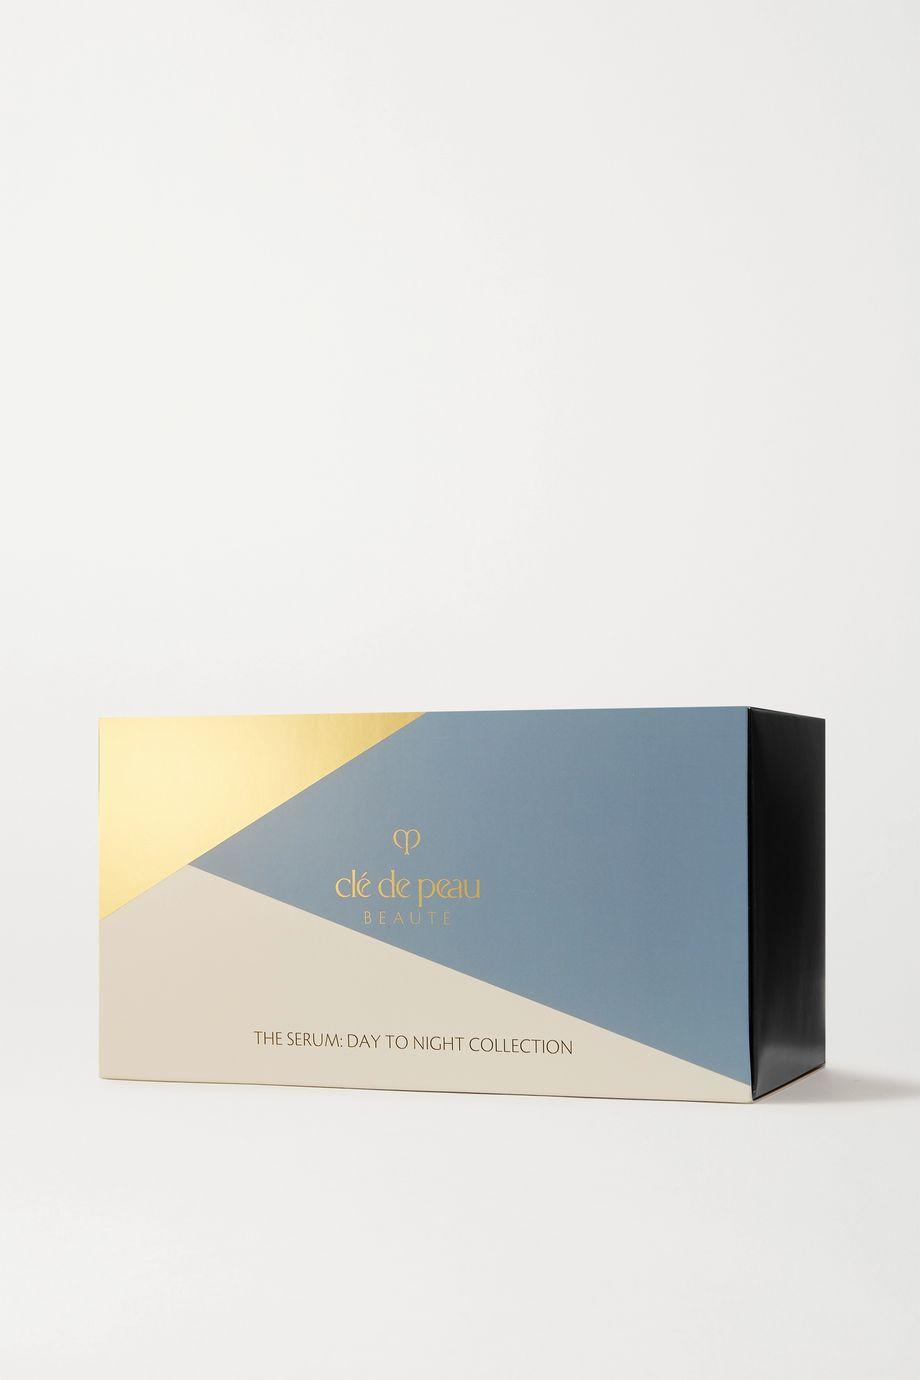 Clé de Peau Beauté The Serum: Day To Night Collection